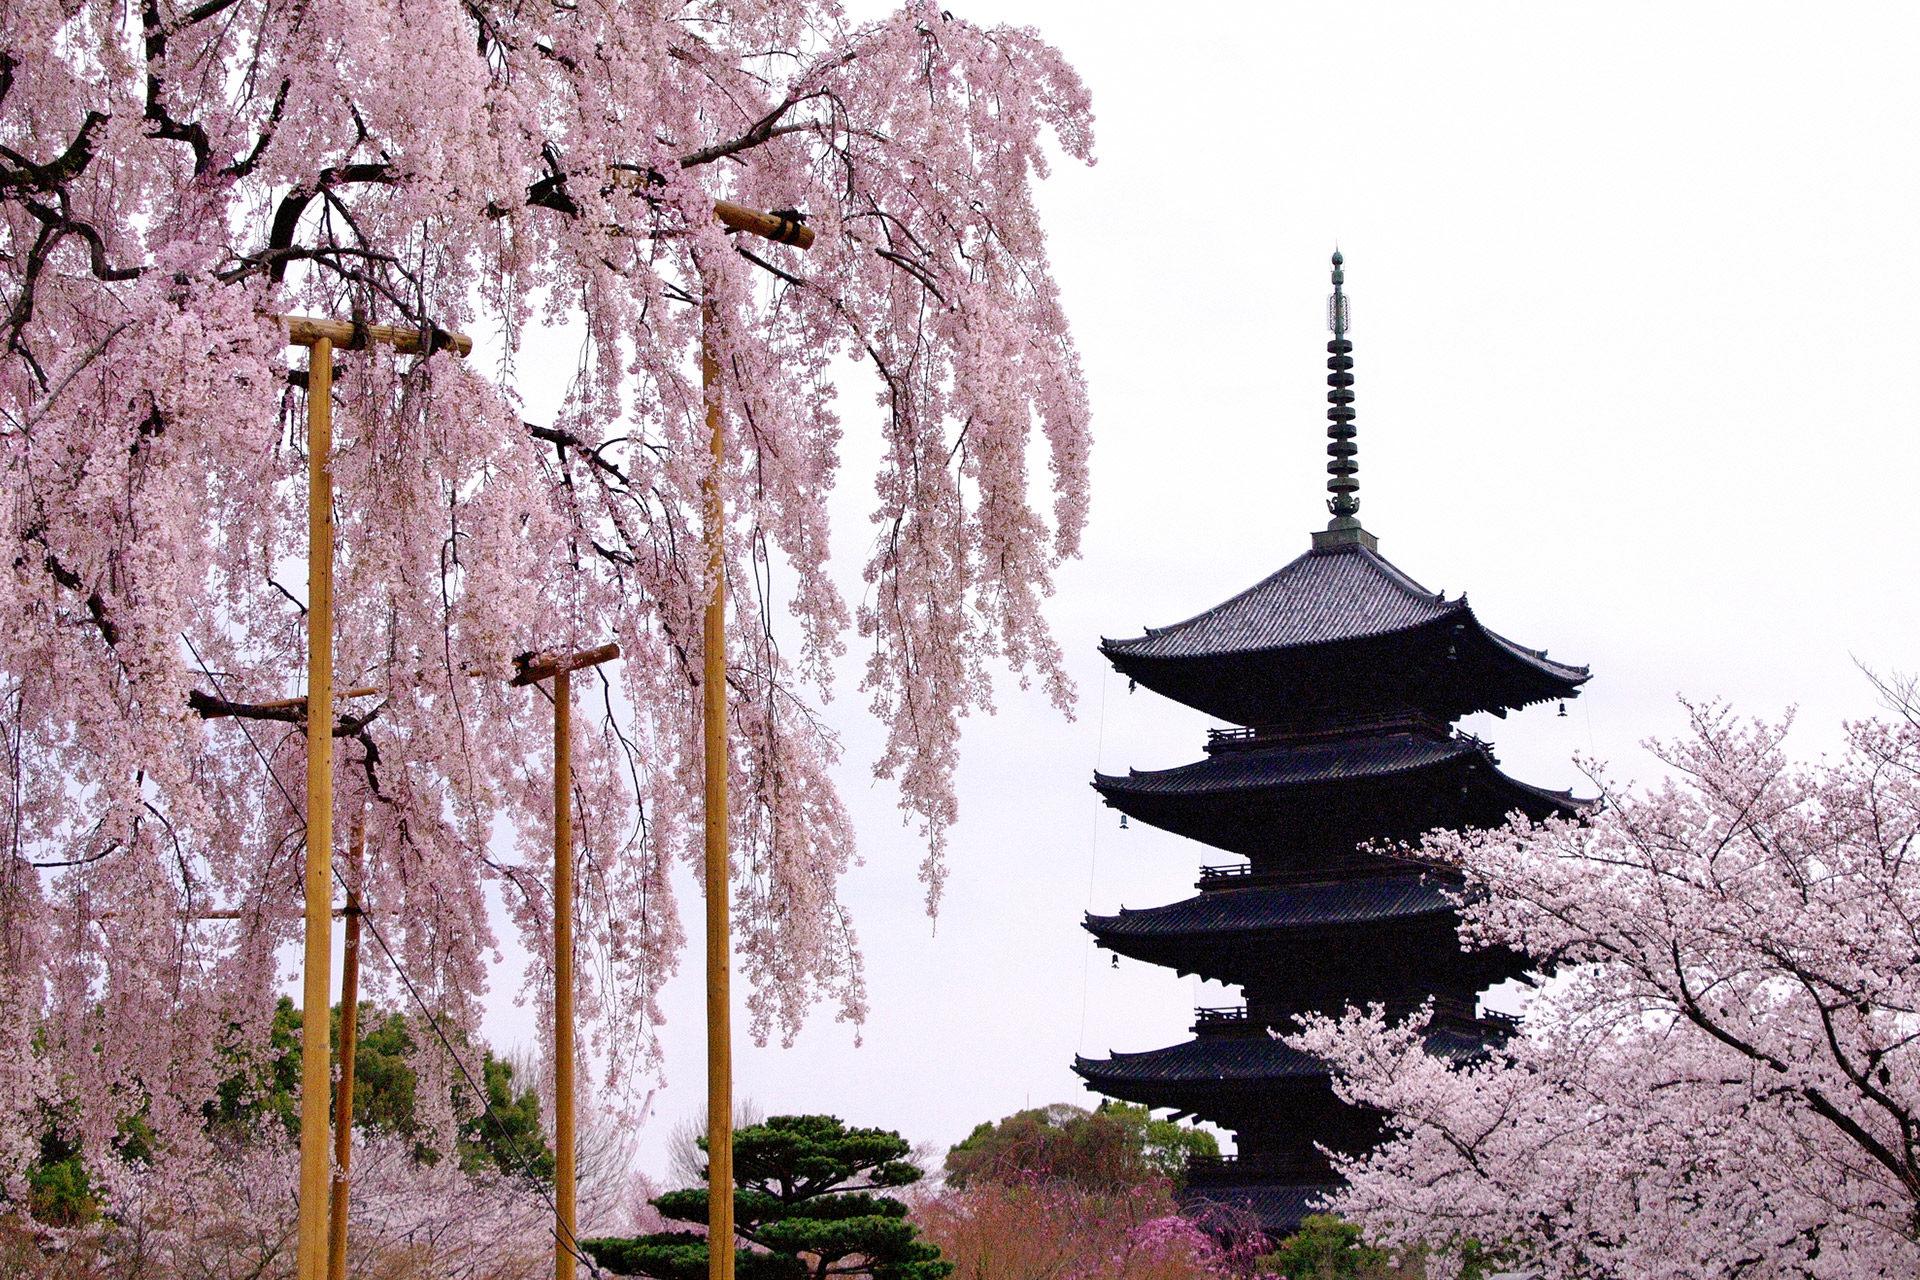 京都-東寺-五重塔-桜